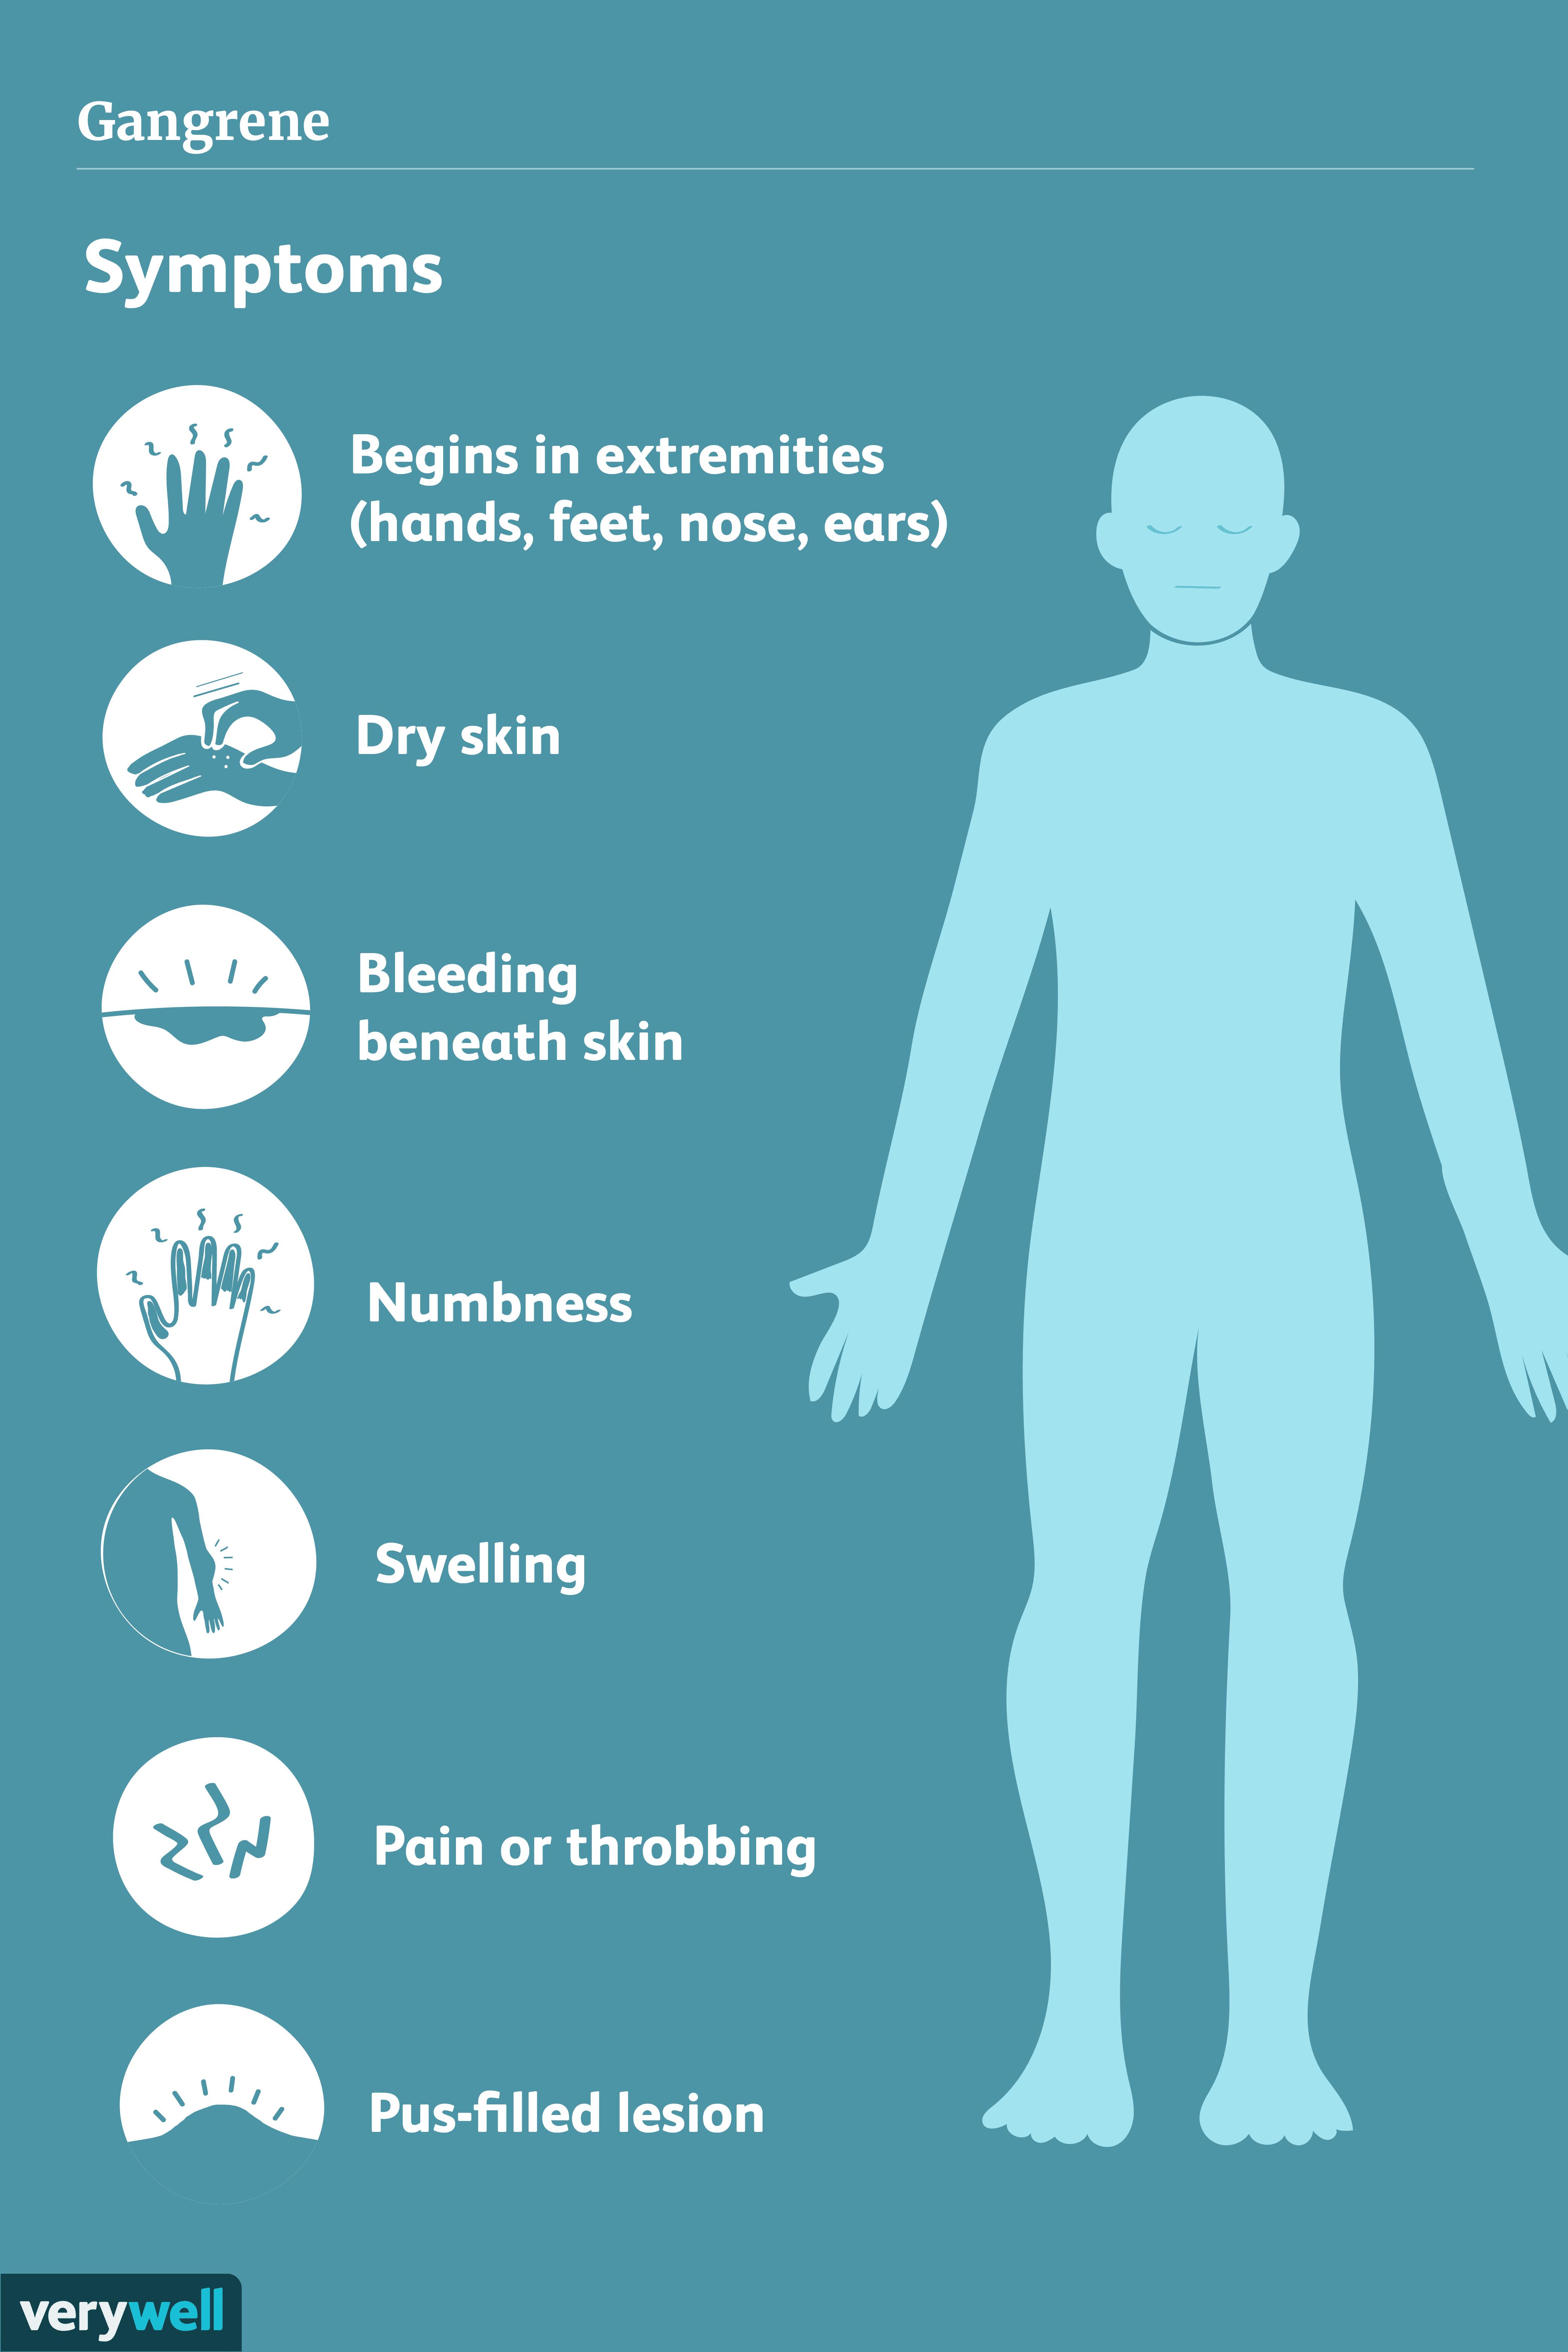 Symptoms of gangrene